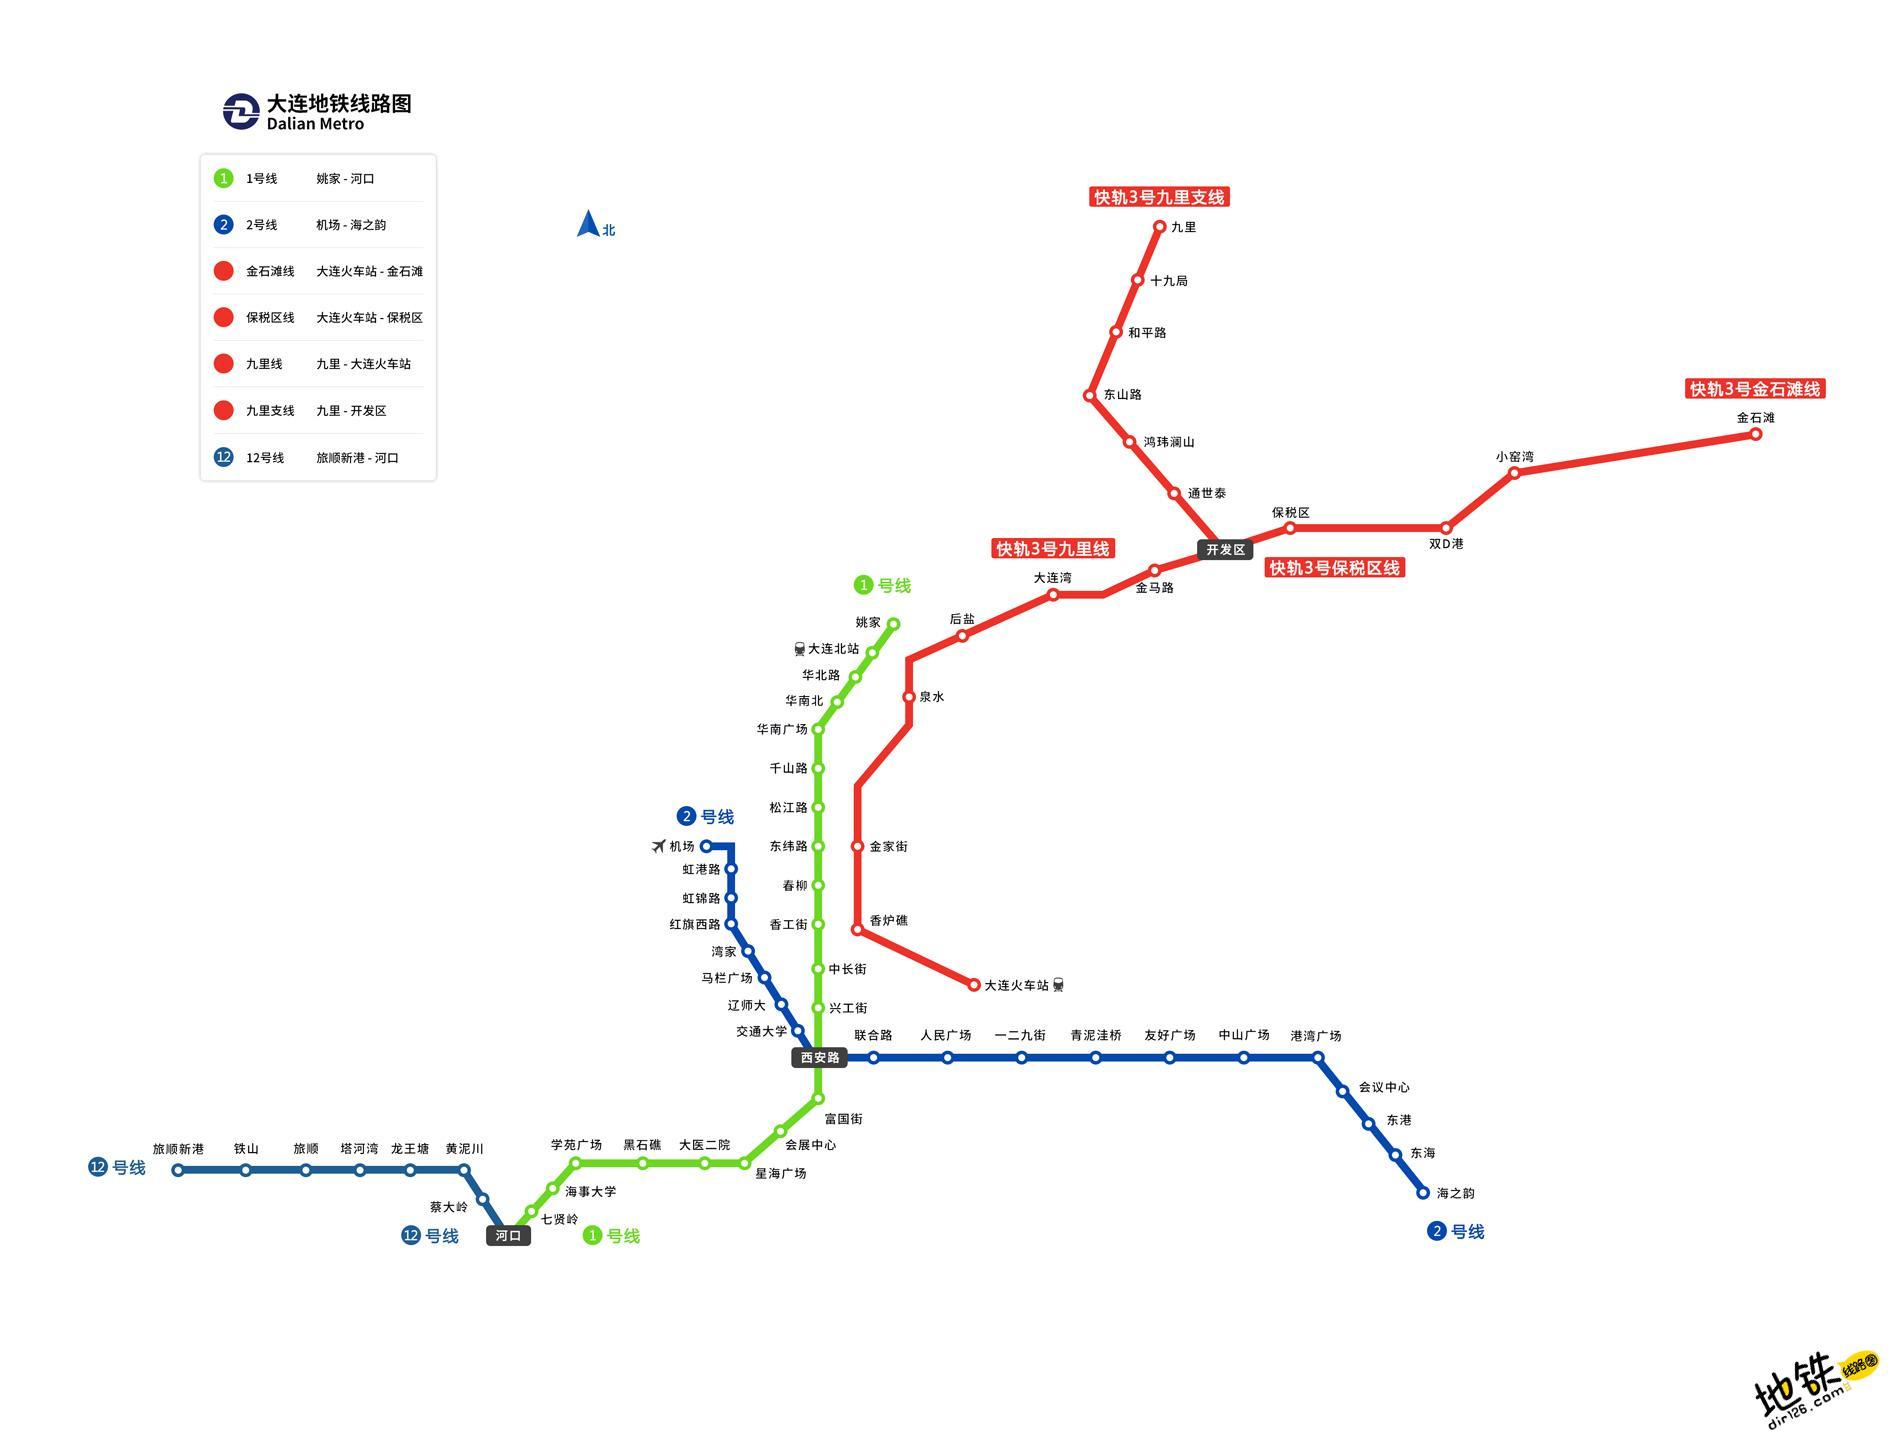 大连地铁线路图_运营时间票价站点_查询下载 大连地铁线路图 第1张